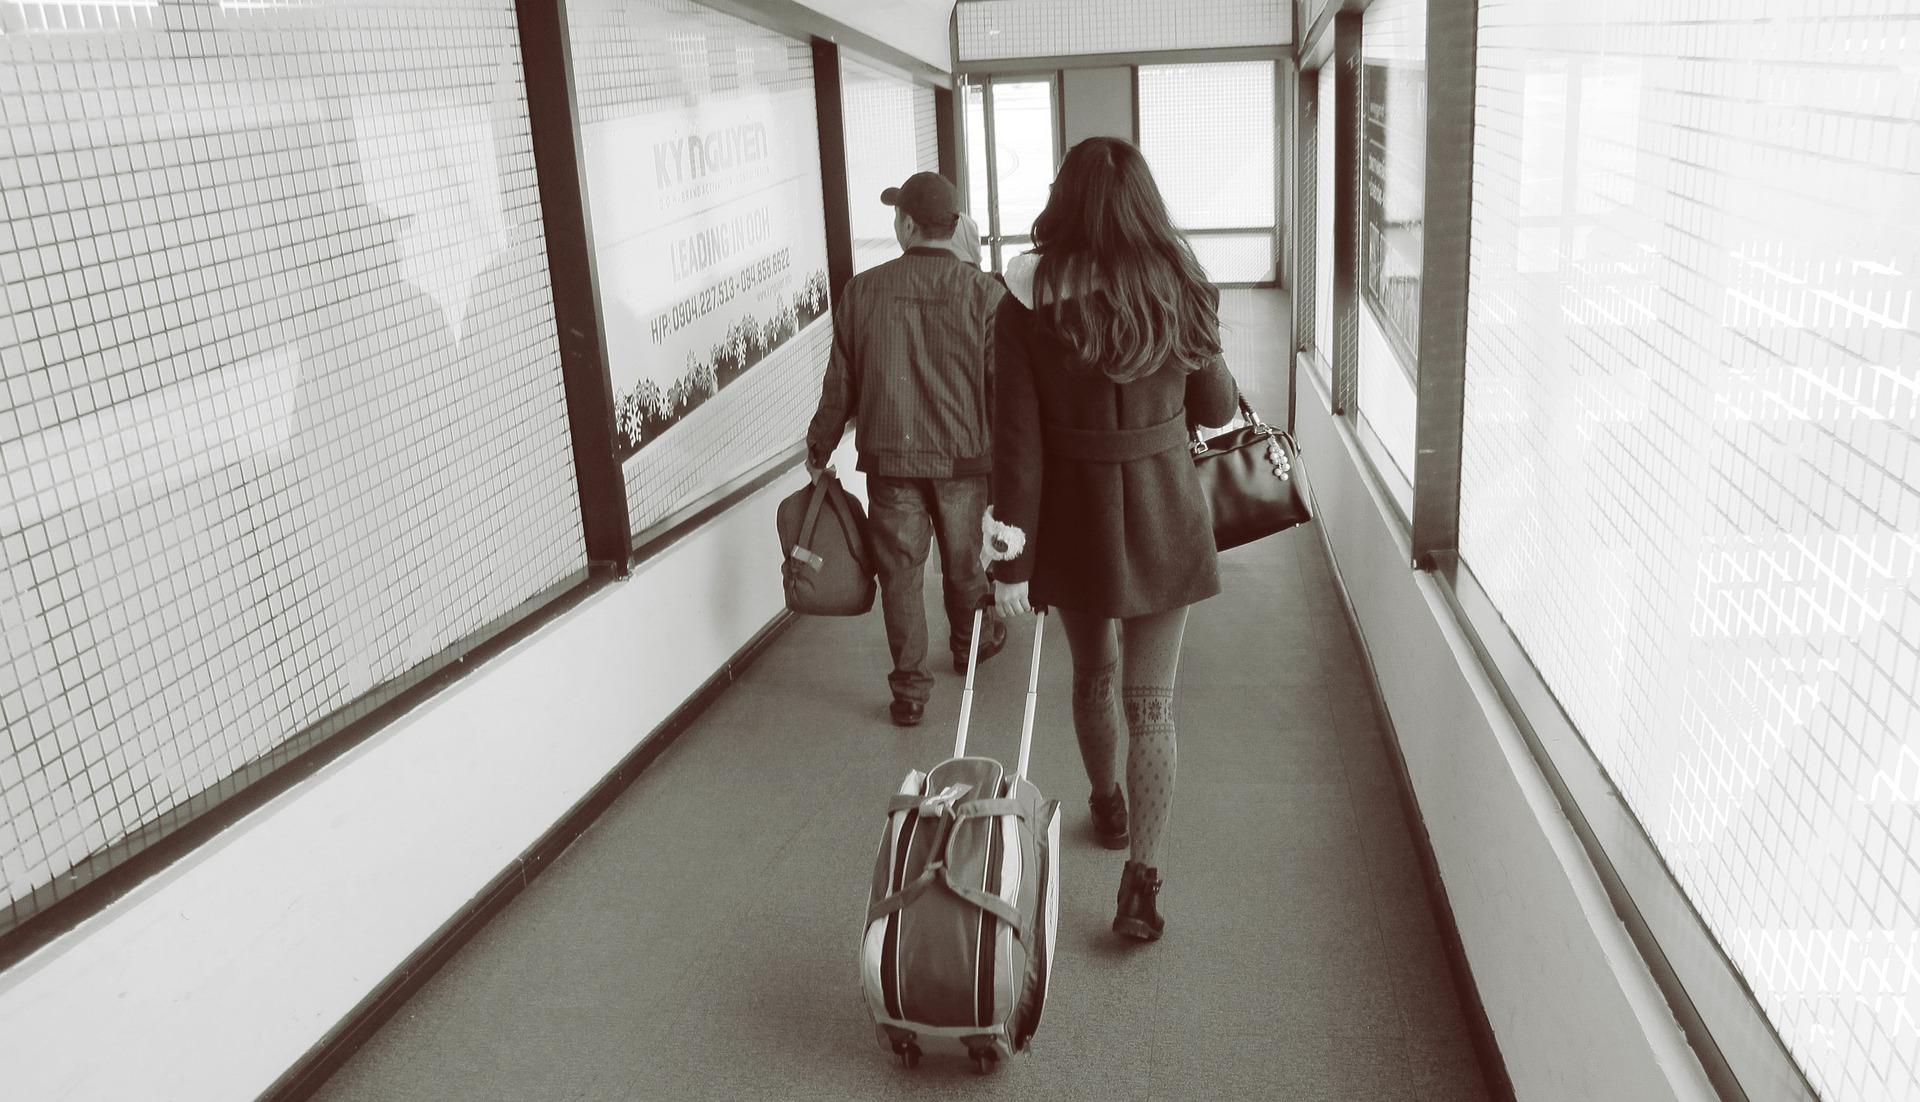 Image of people boarding an international flight